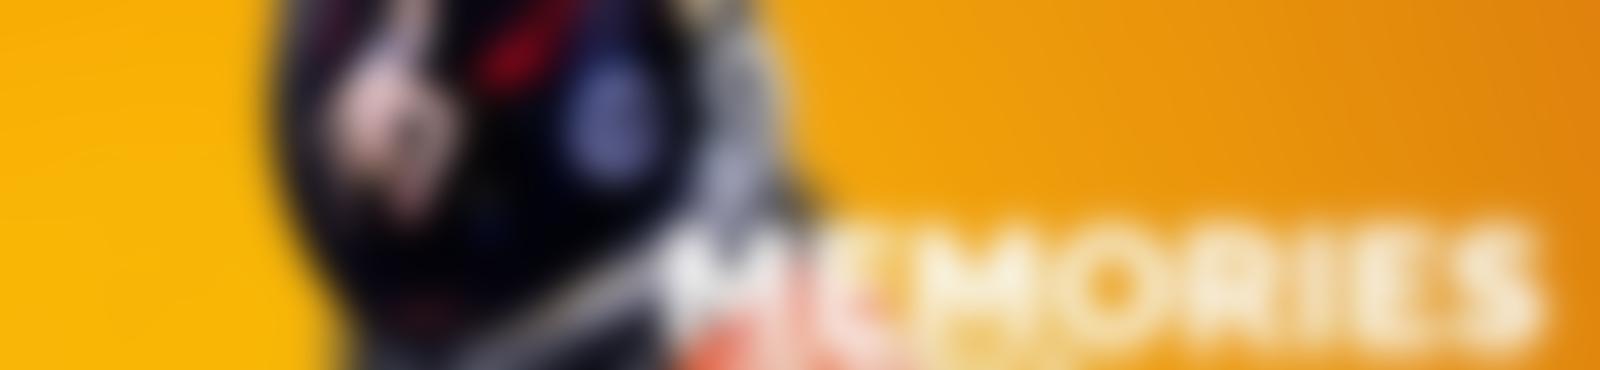 Blurred 1f884bac 098e 4901 9b15 08218e1ceacf